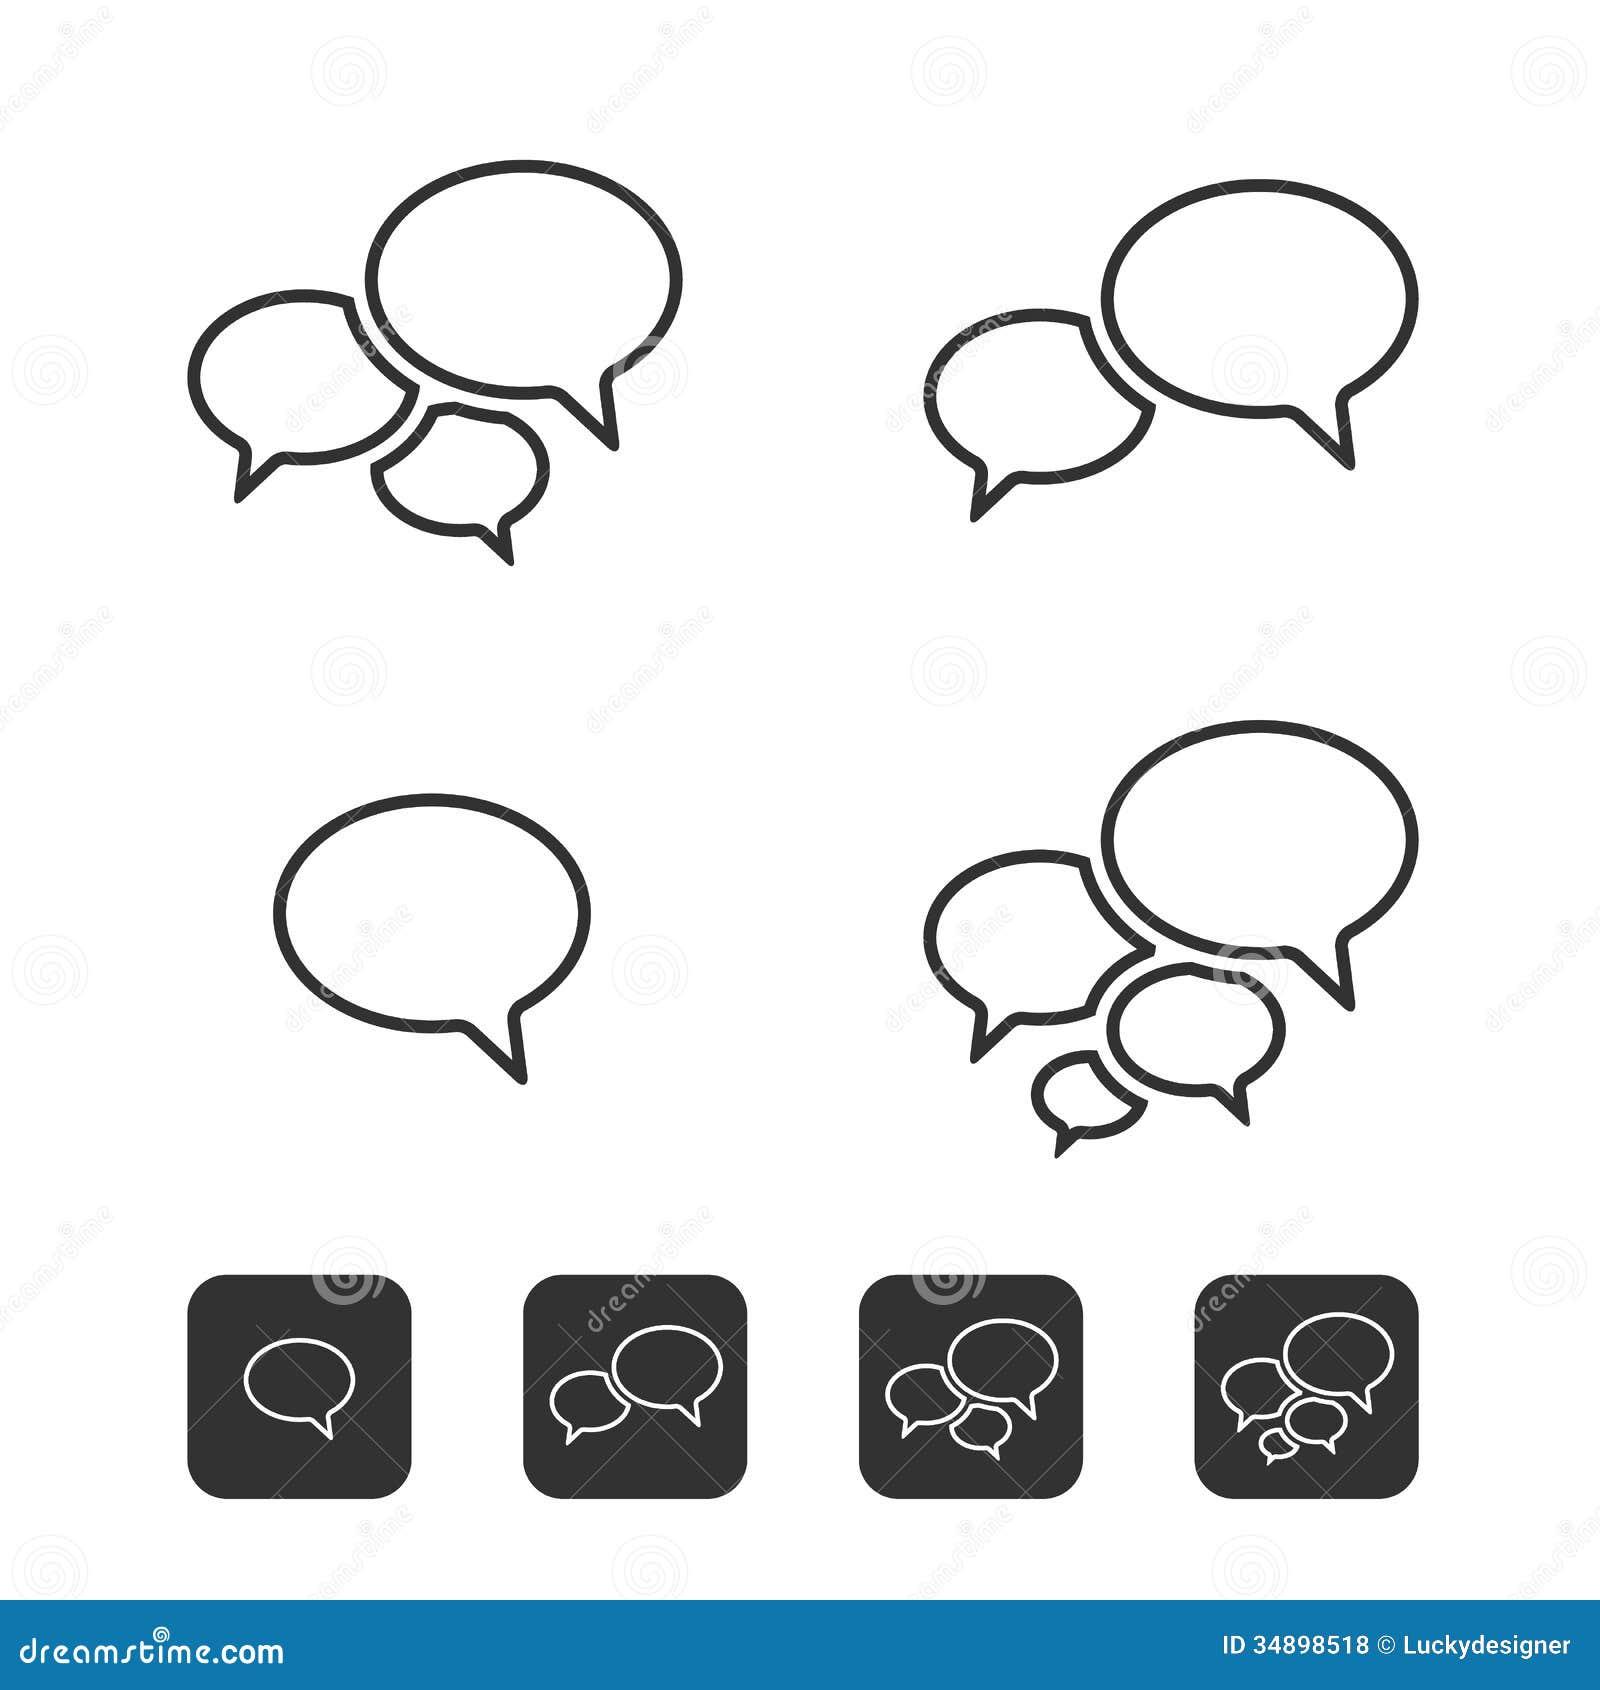 Square Speech Bubble Icon